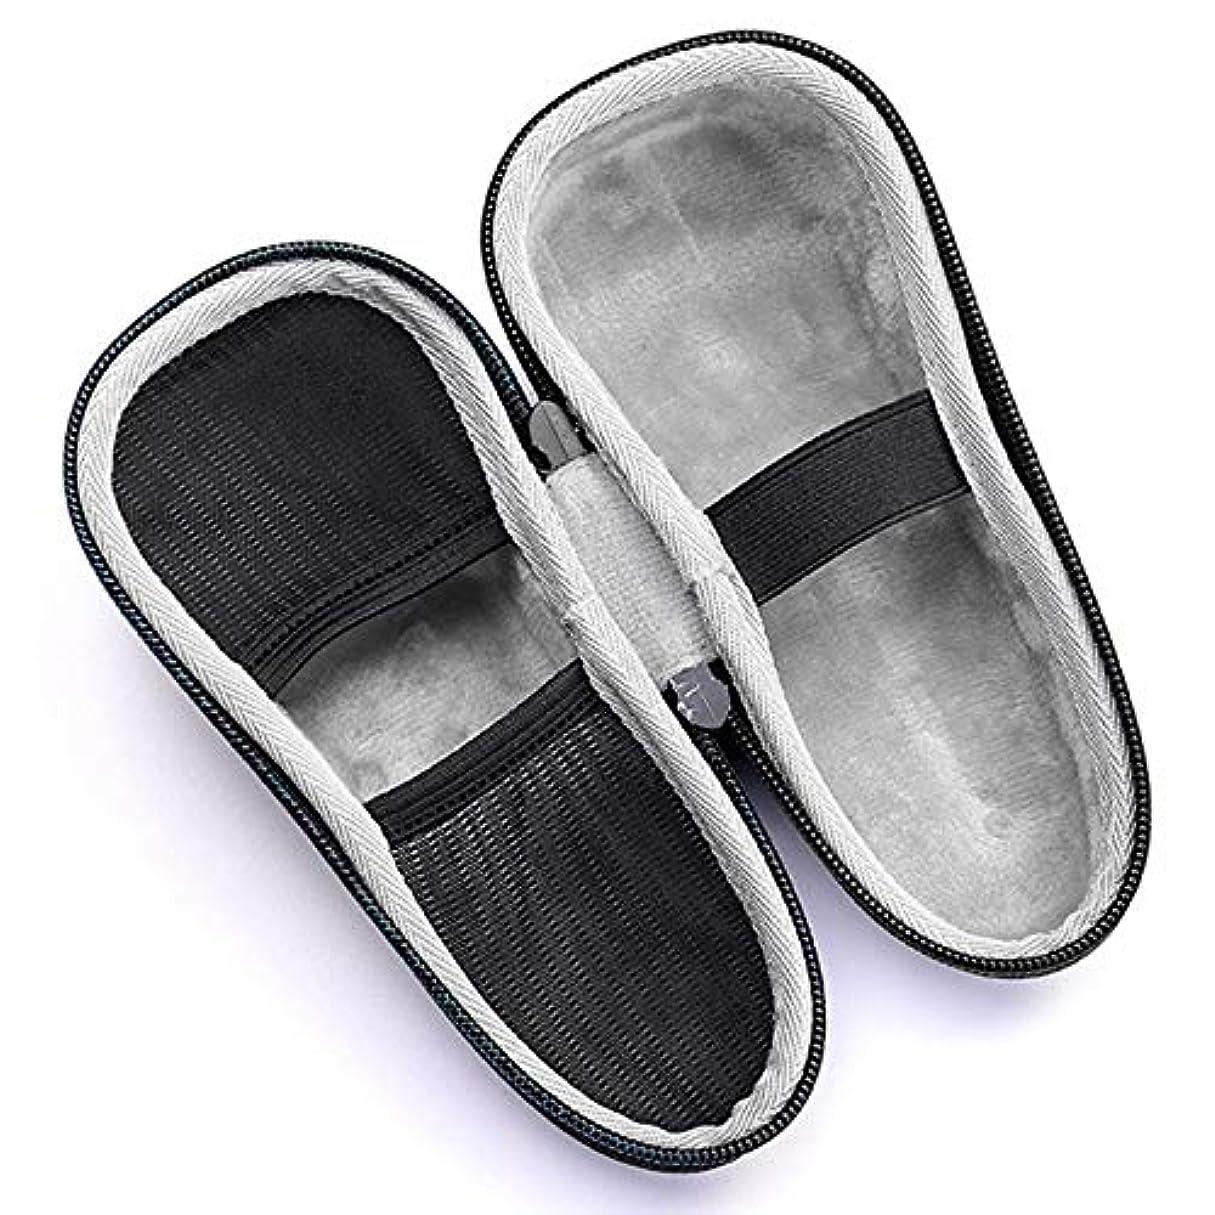 信者お換気Nrpfell 髭剃り用収納バッグ、Philips電気シェーバー用、かみそりのバッグ、Philipsシェーバー用旅行ケース、シェービングマシンの収納ケース、バッグ